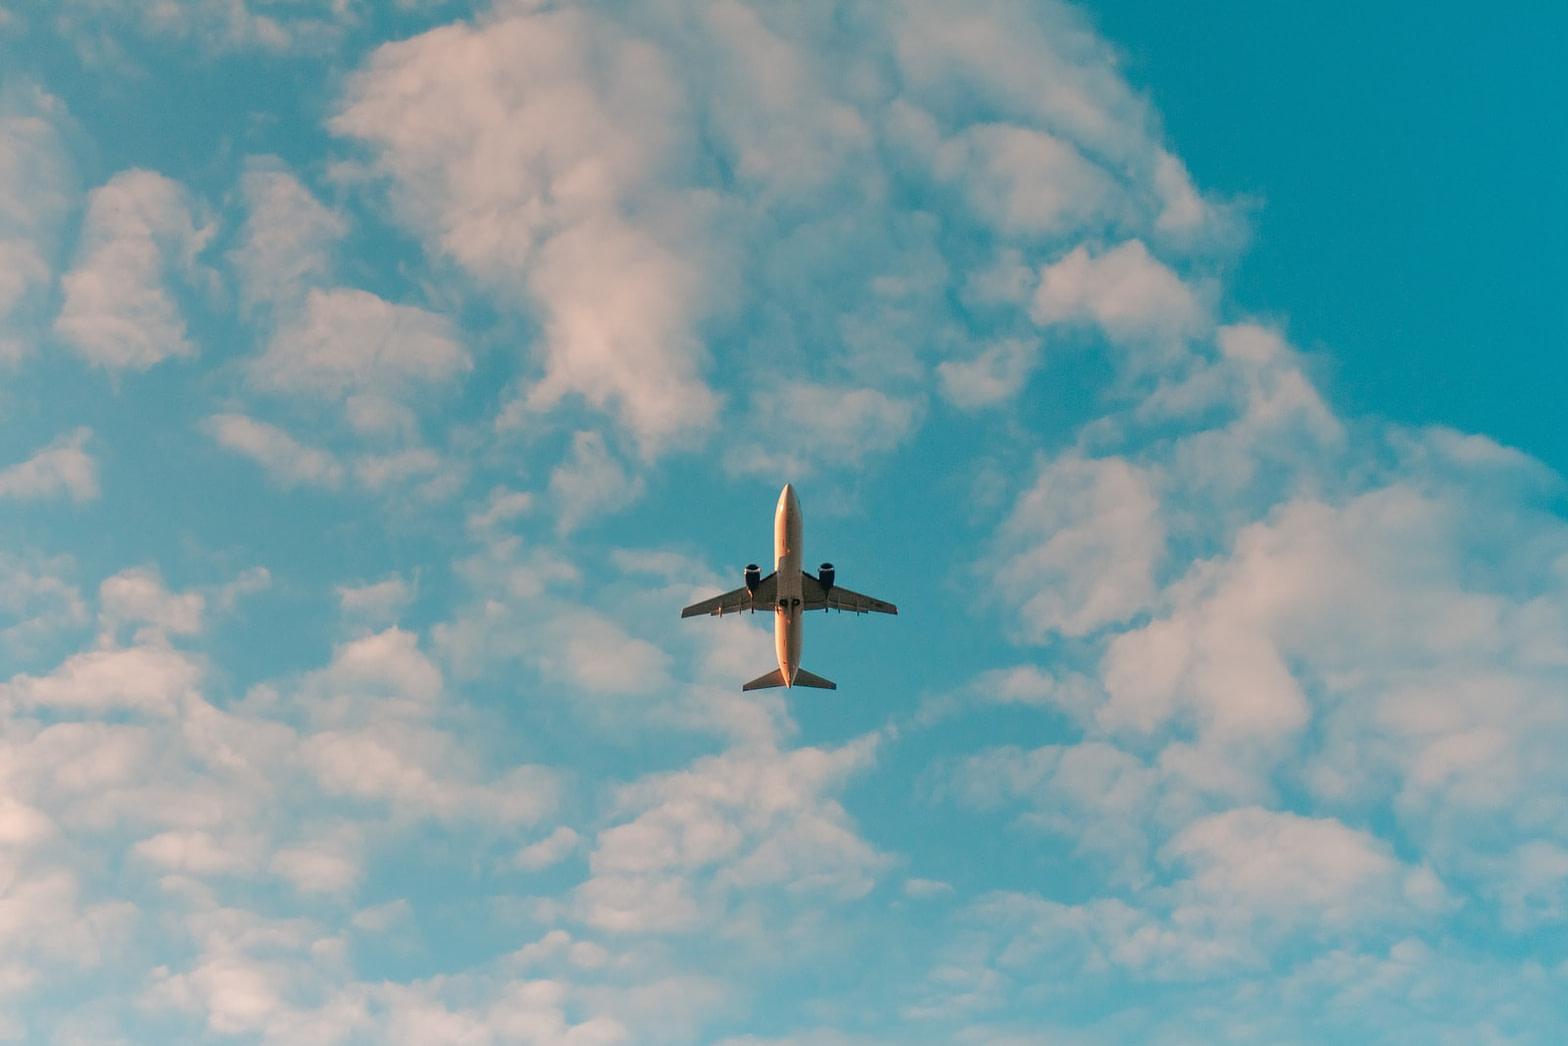 معلومات عن الرحلات المتجهة من مطار الرياض الى أسيوط